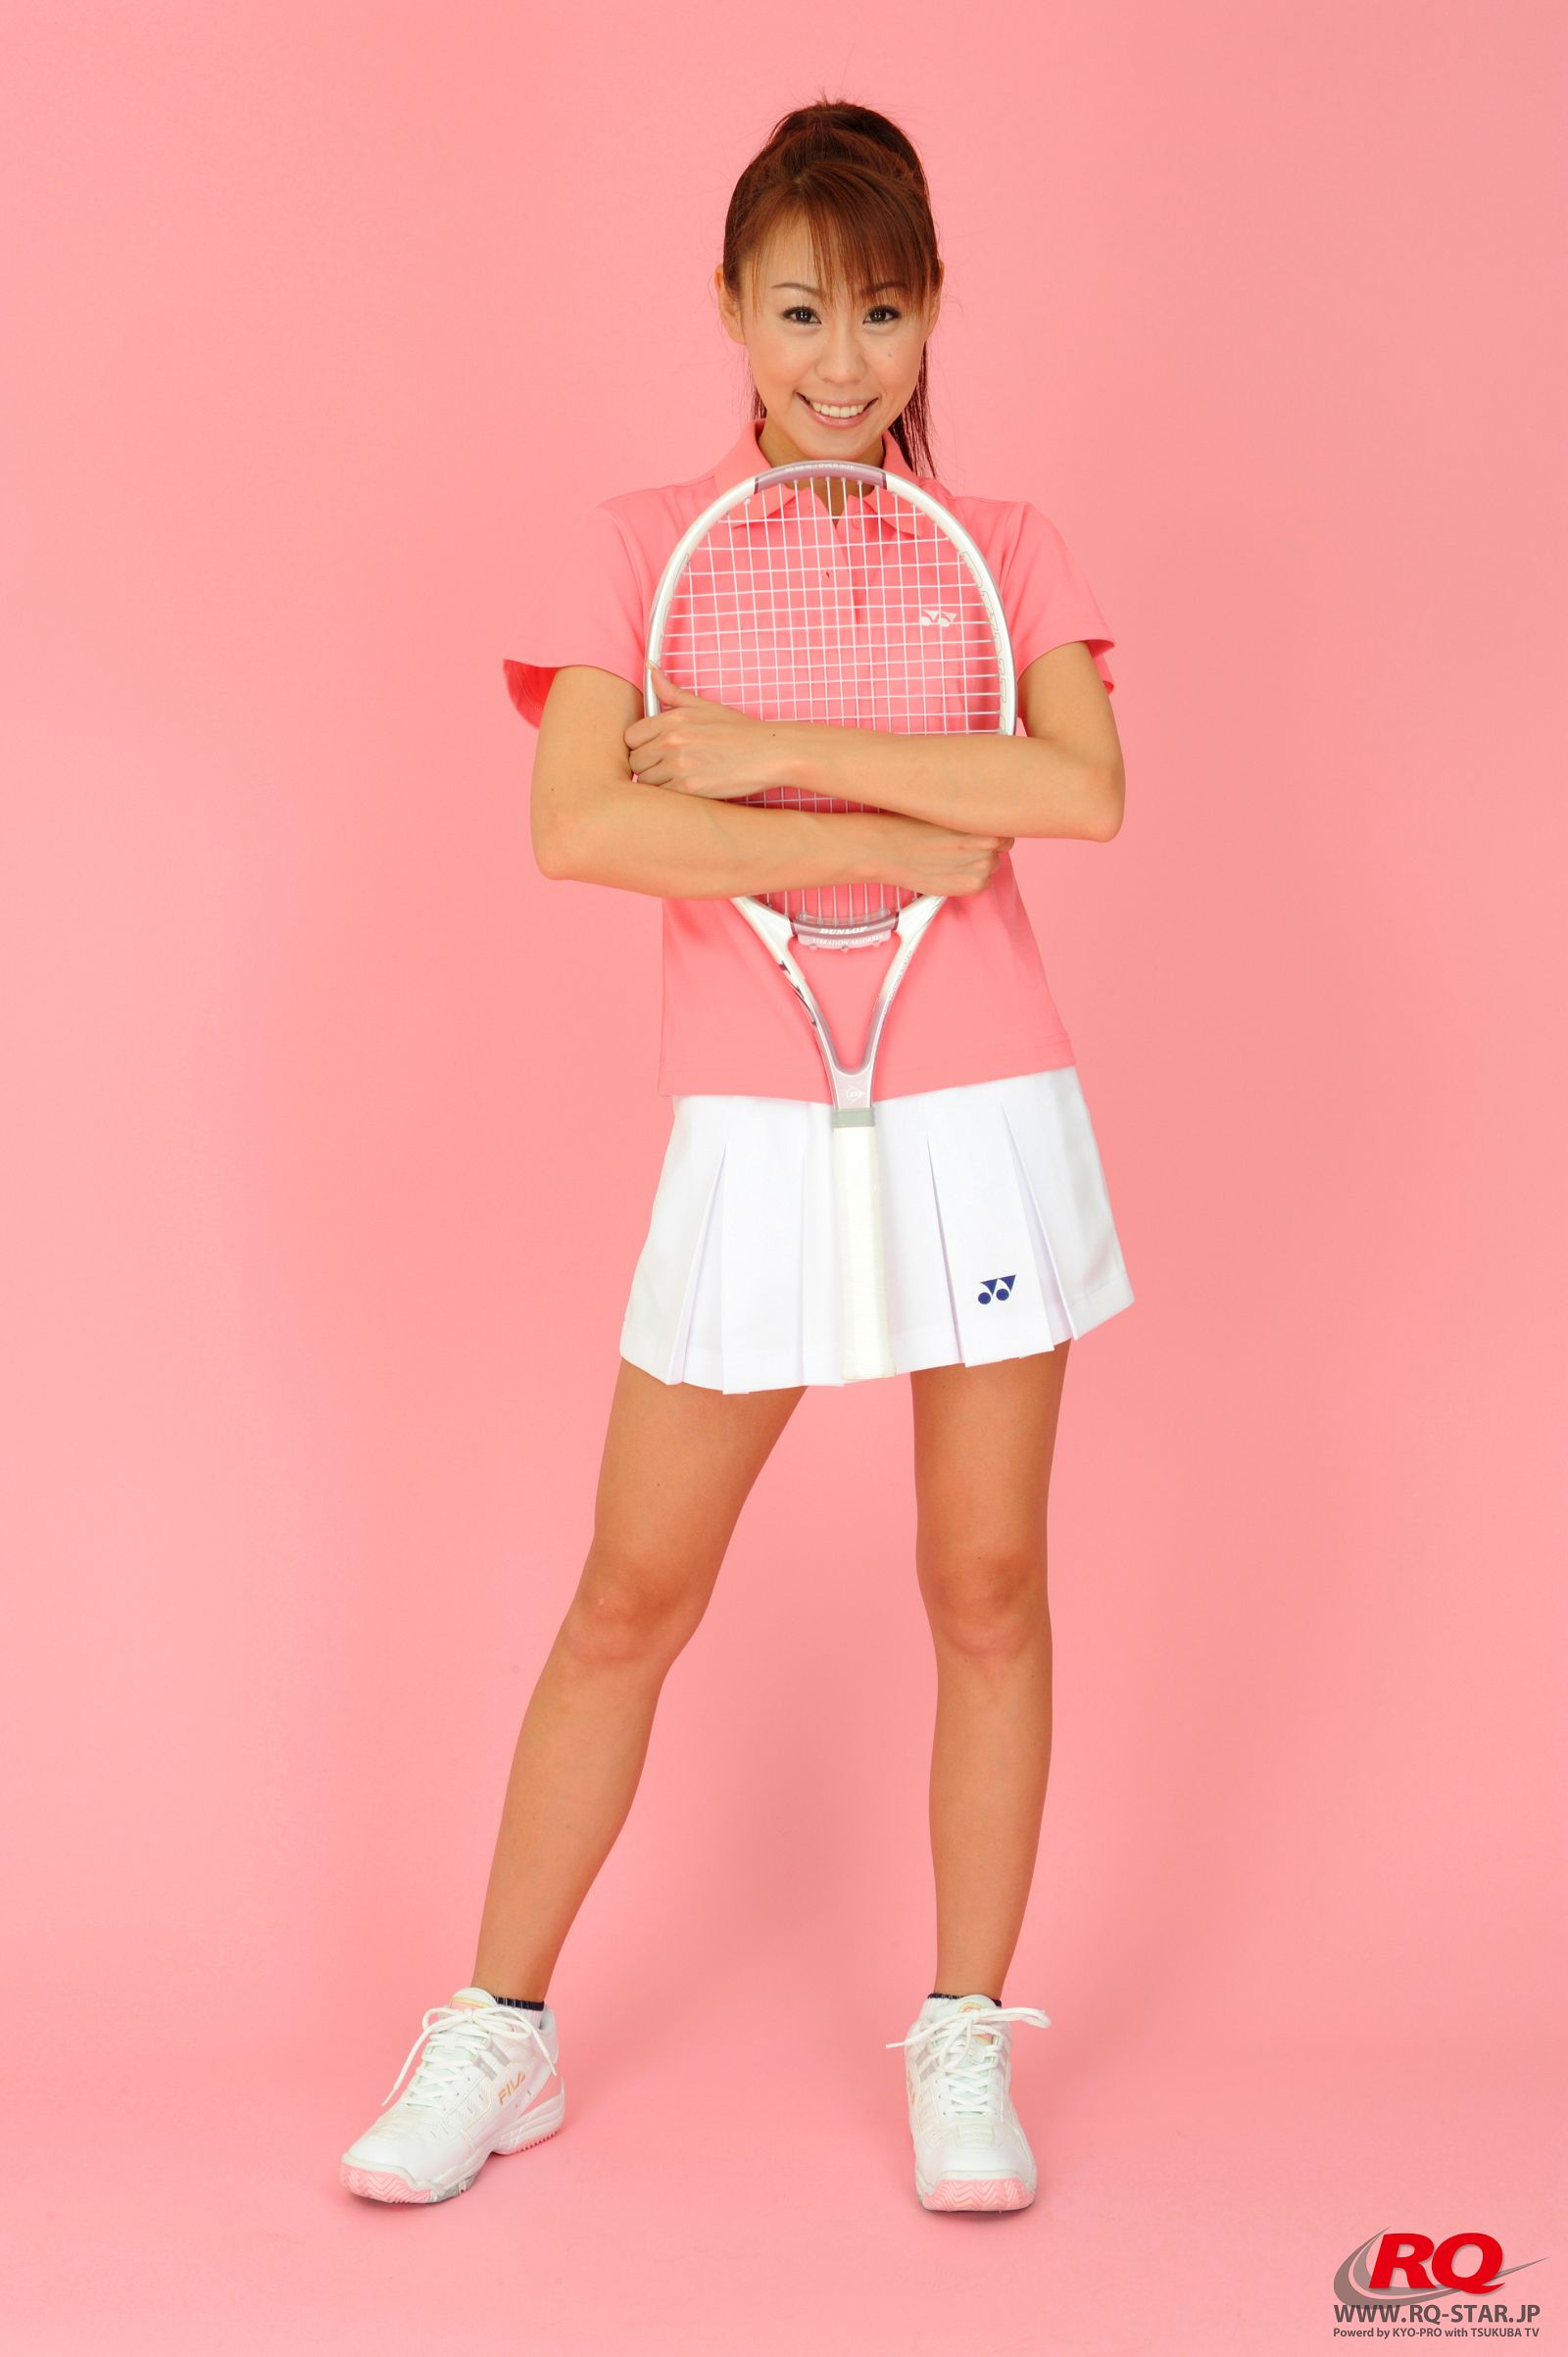 [RQ STAR美女] NO.01072 Mika Yokobe 横部実佳 Tennis Wear[90P] RQ STAR 第4张